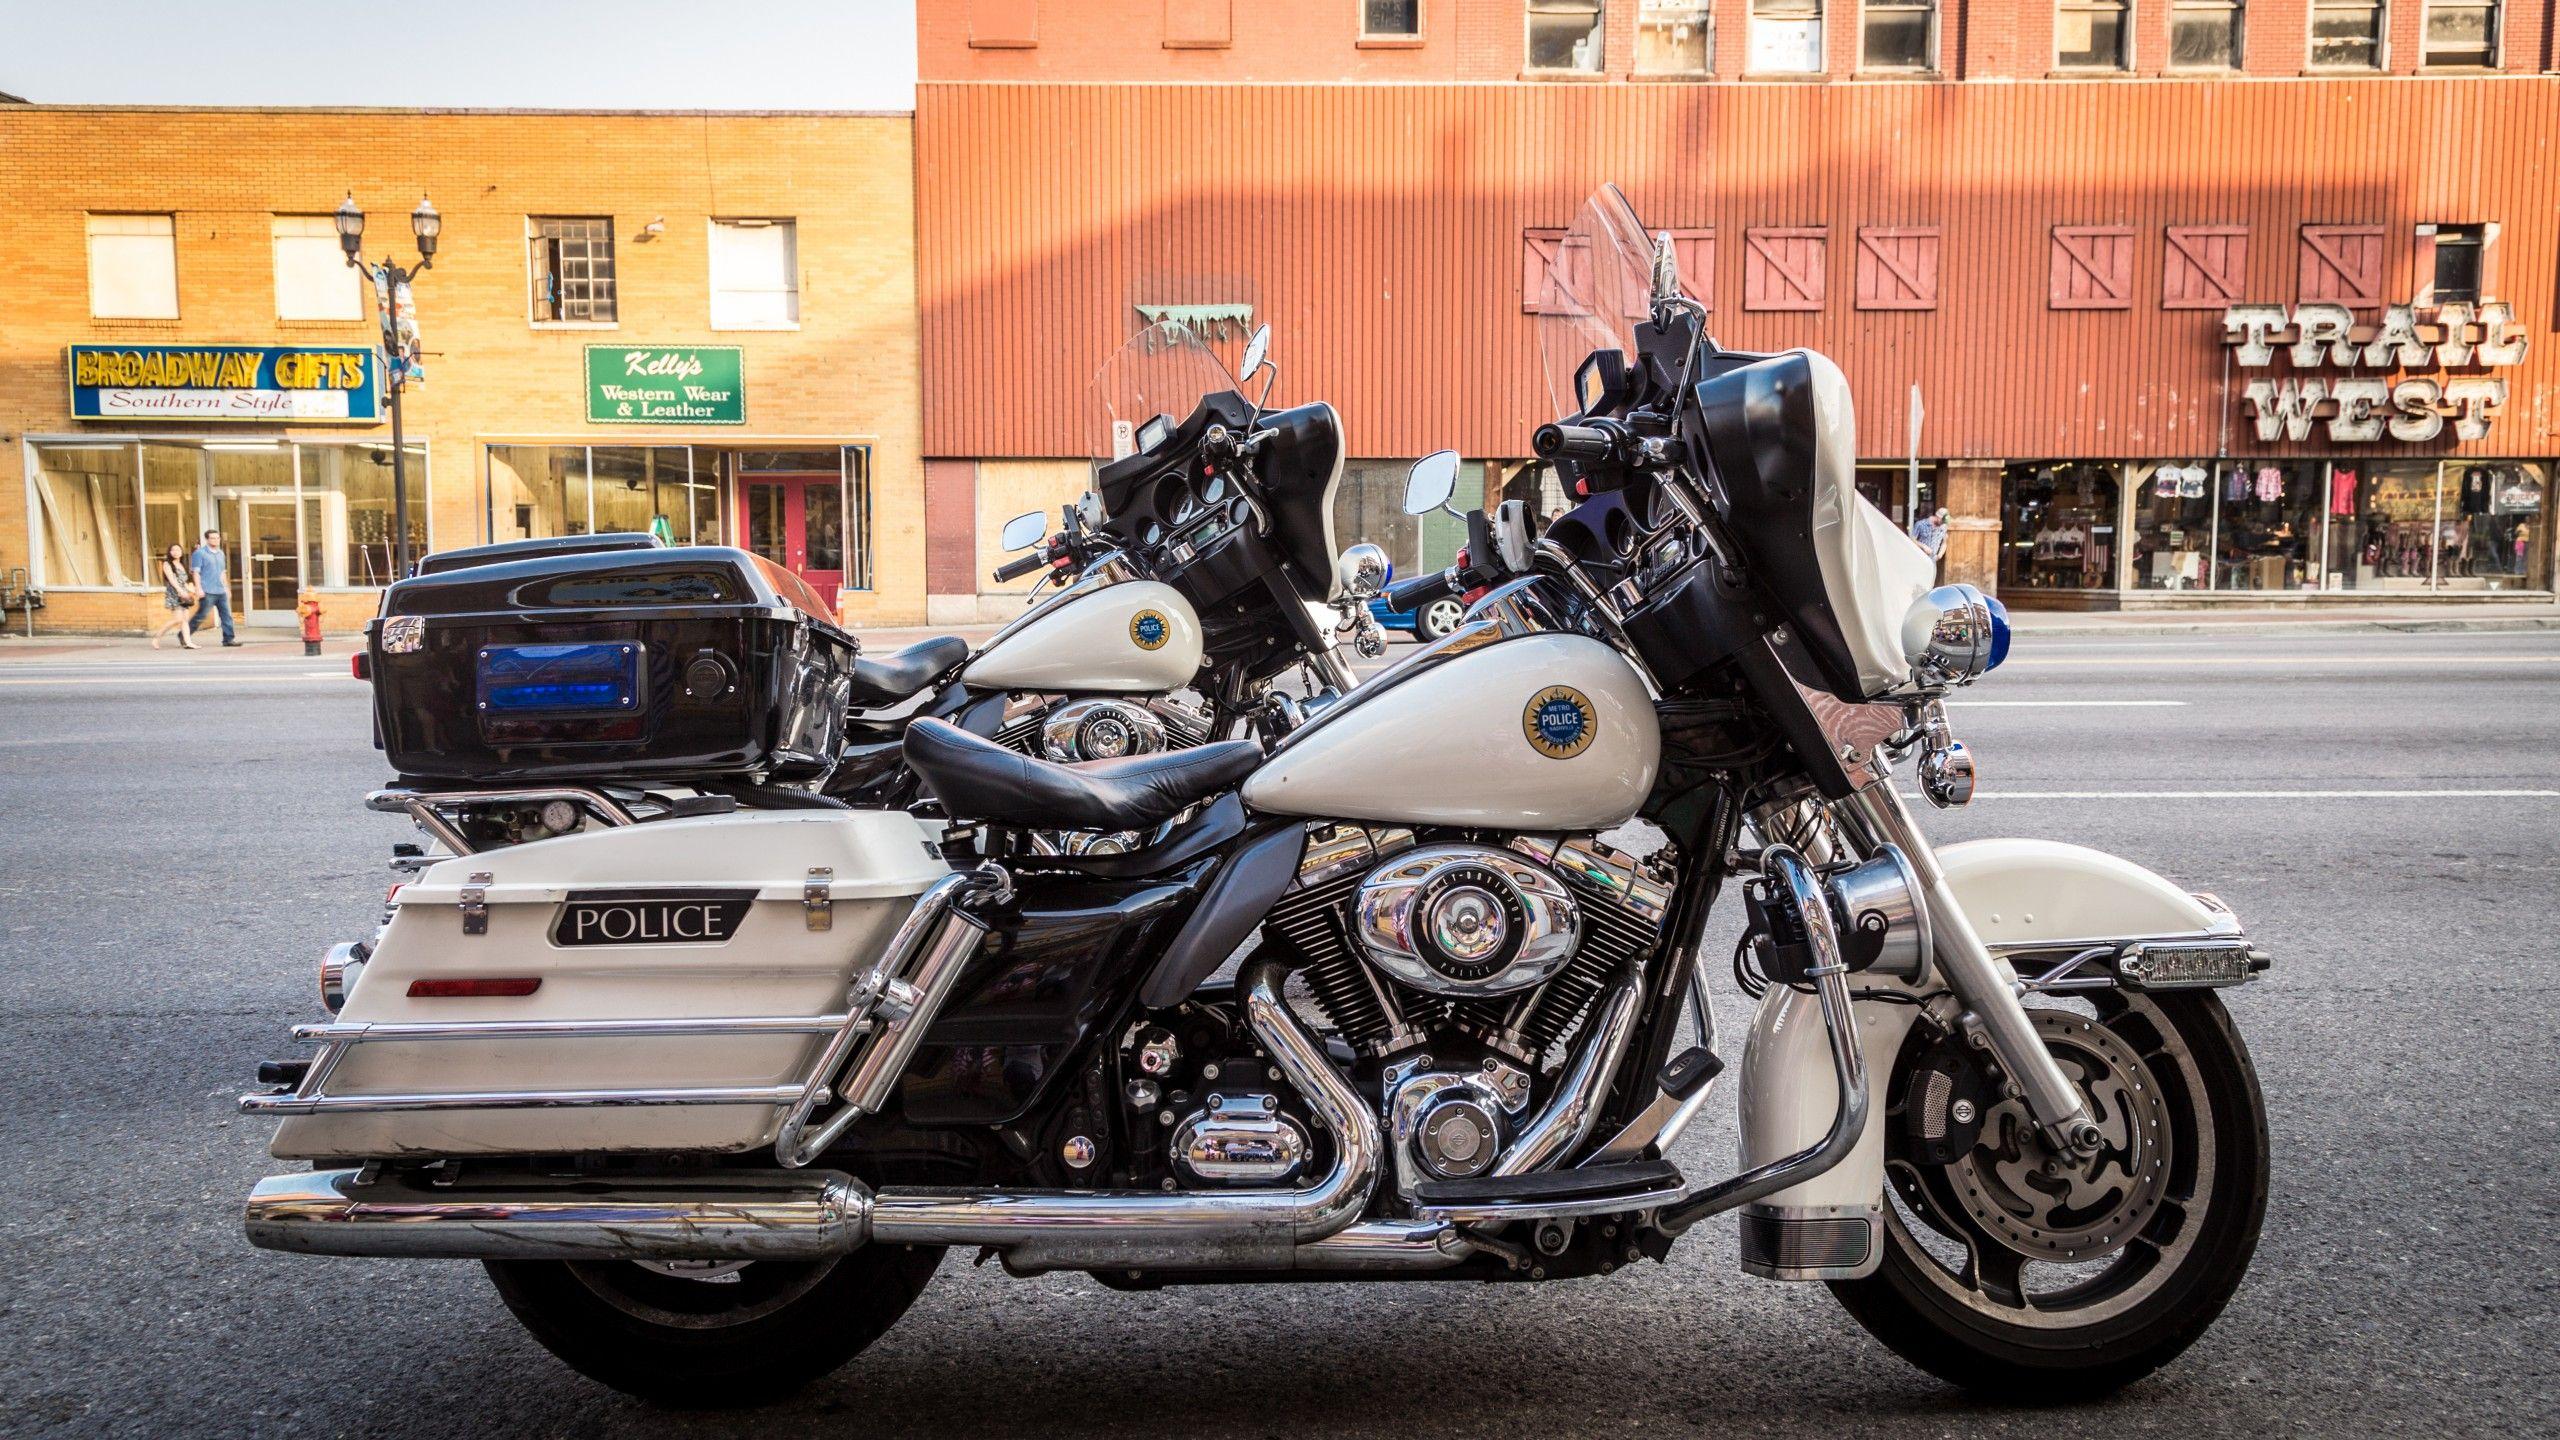 California Highway Patrol Harley 1/6 Img_5245